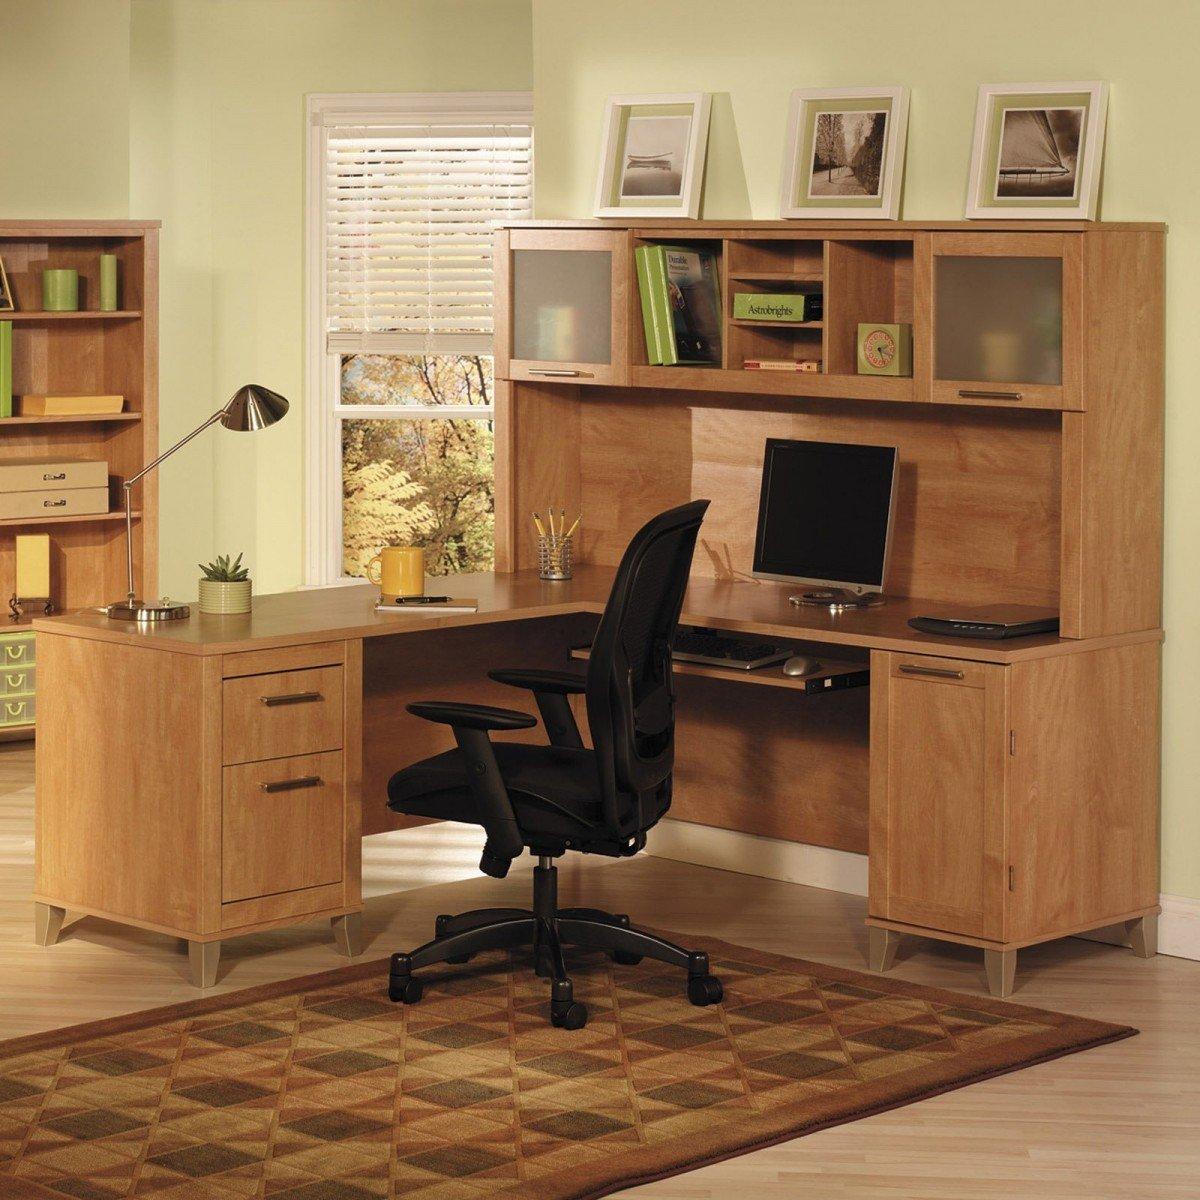 Мебель для зала из натурального дерева